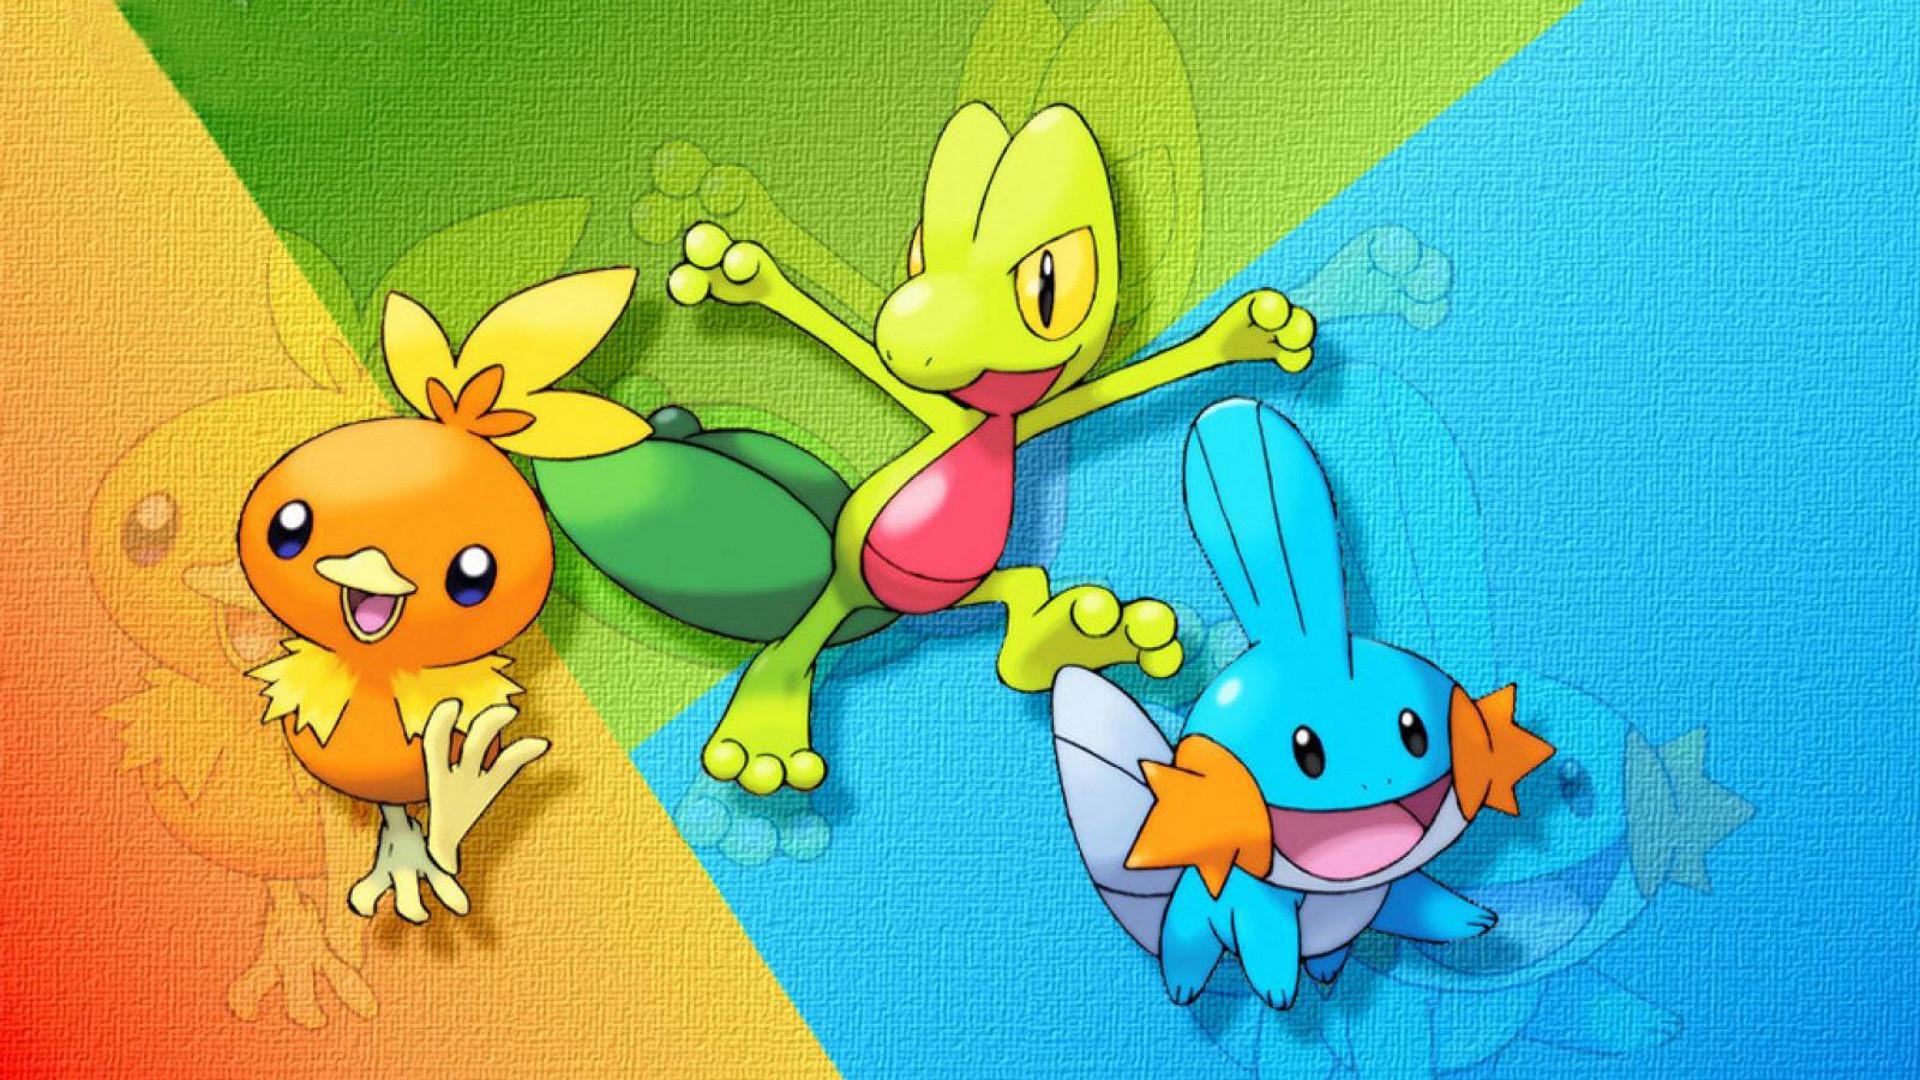 Pokémon Sapphire Version Details